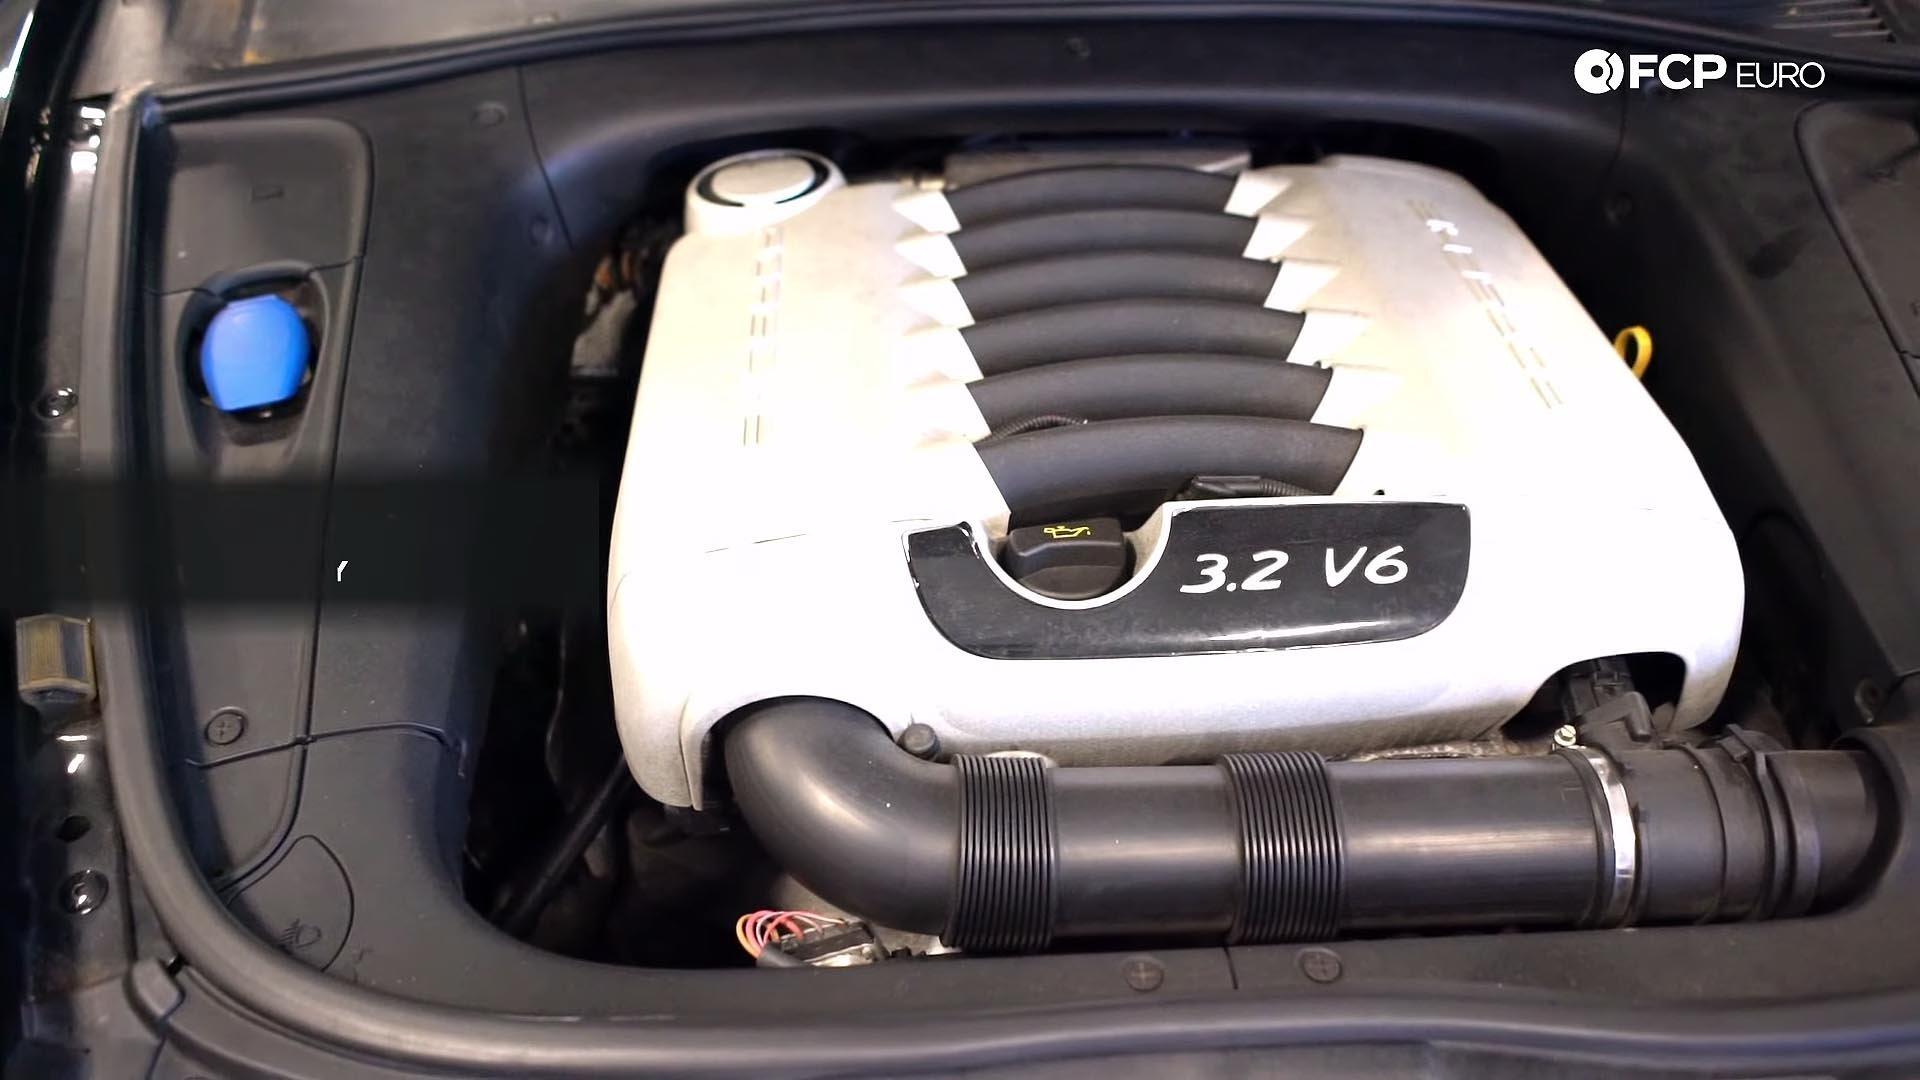 06_955 Porsche Cayenne Base 3.2 VR6 engine bay